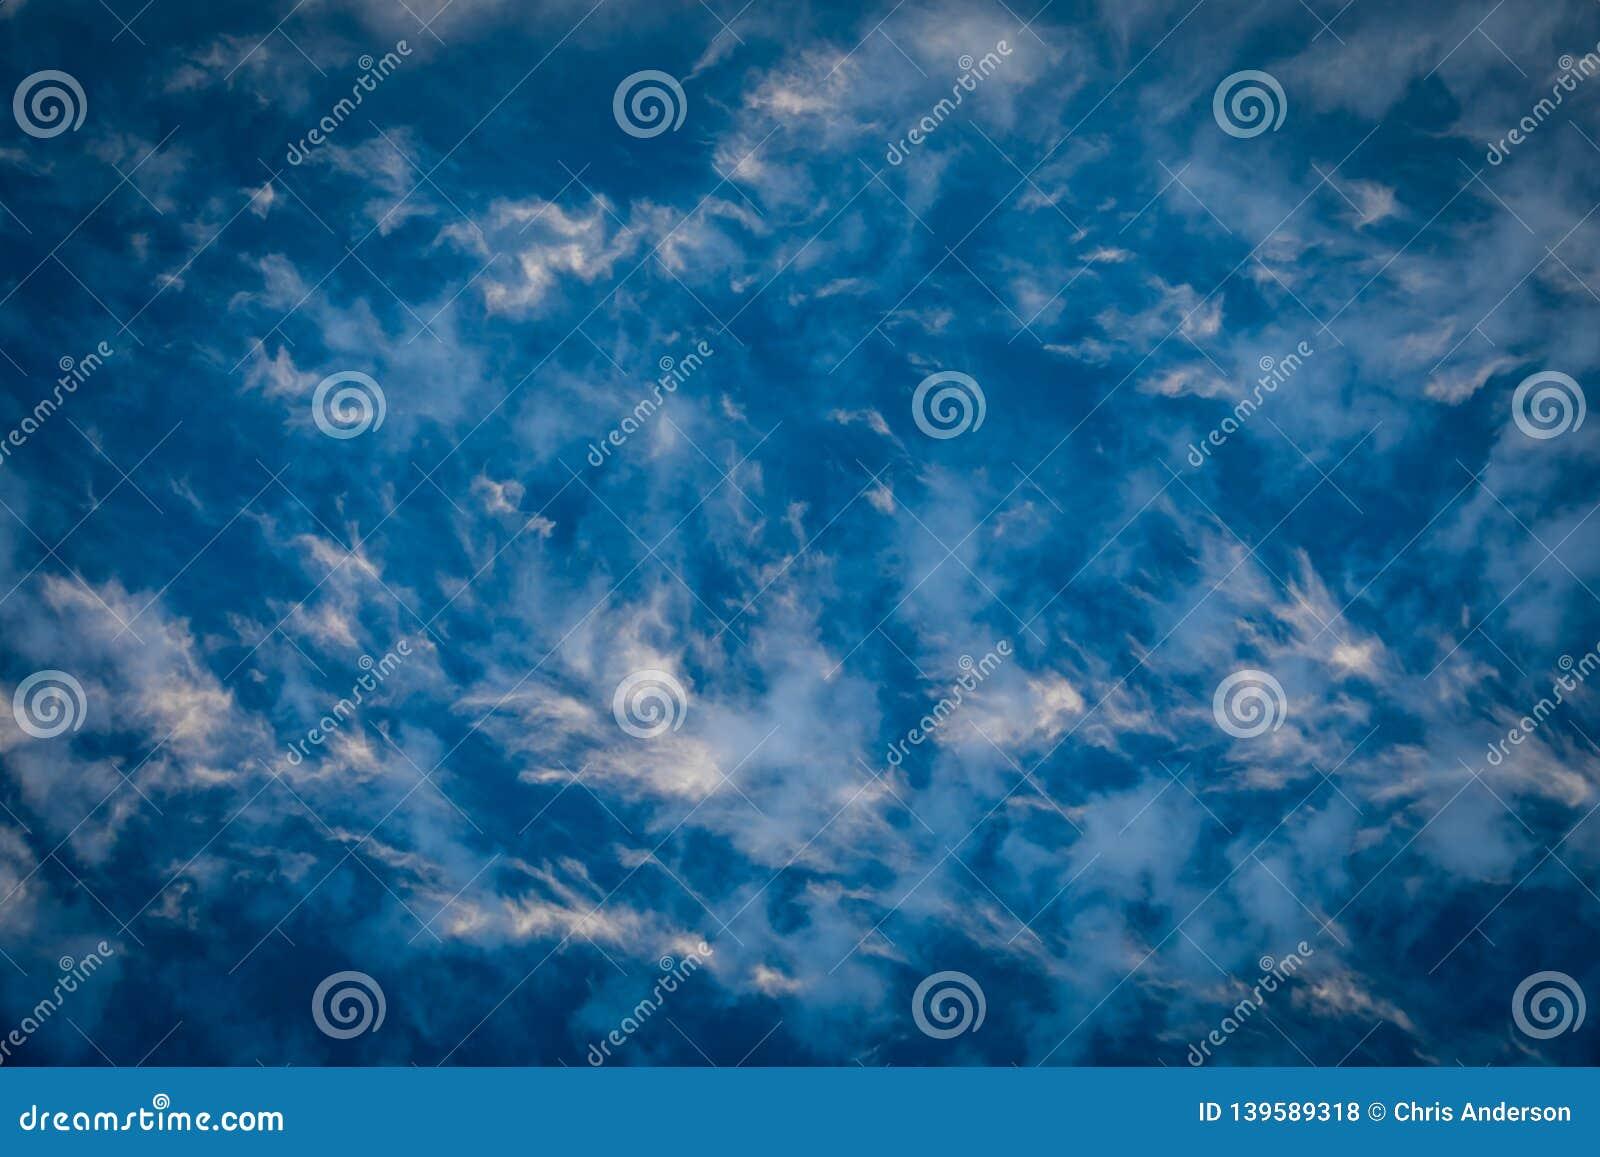 Céu azul profundo com nuvens plúmeos